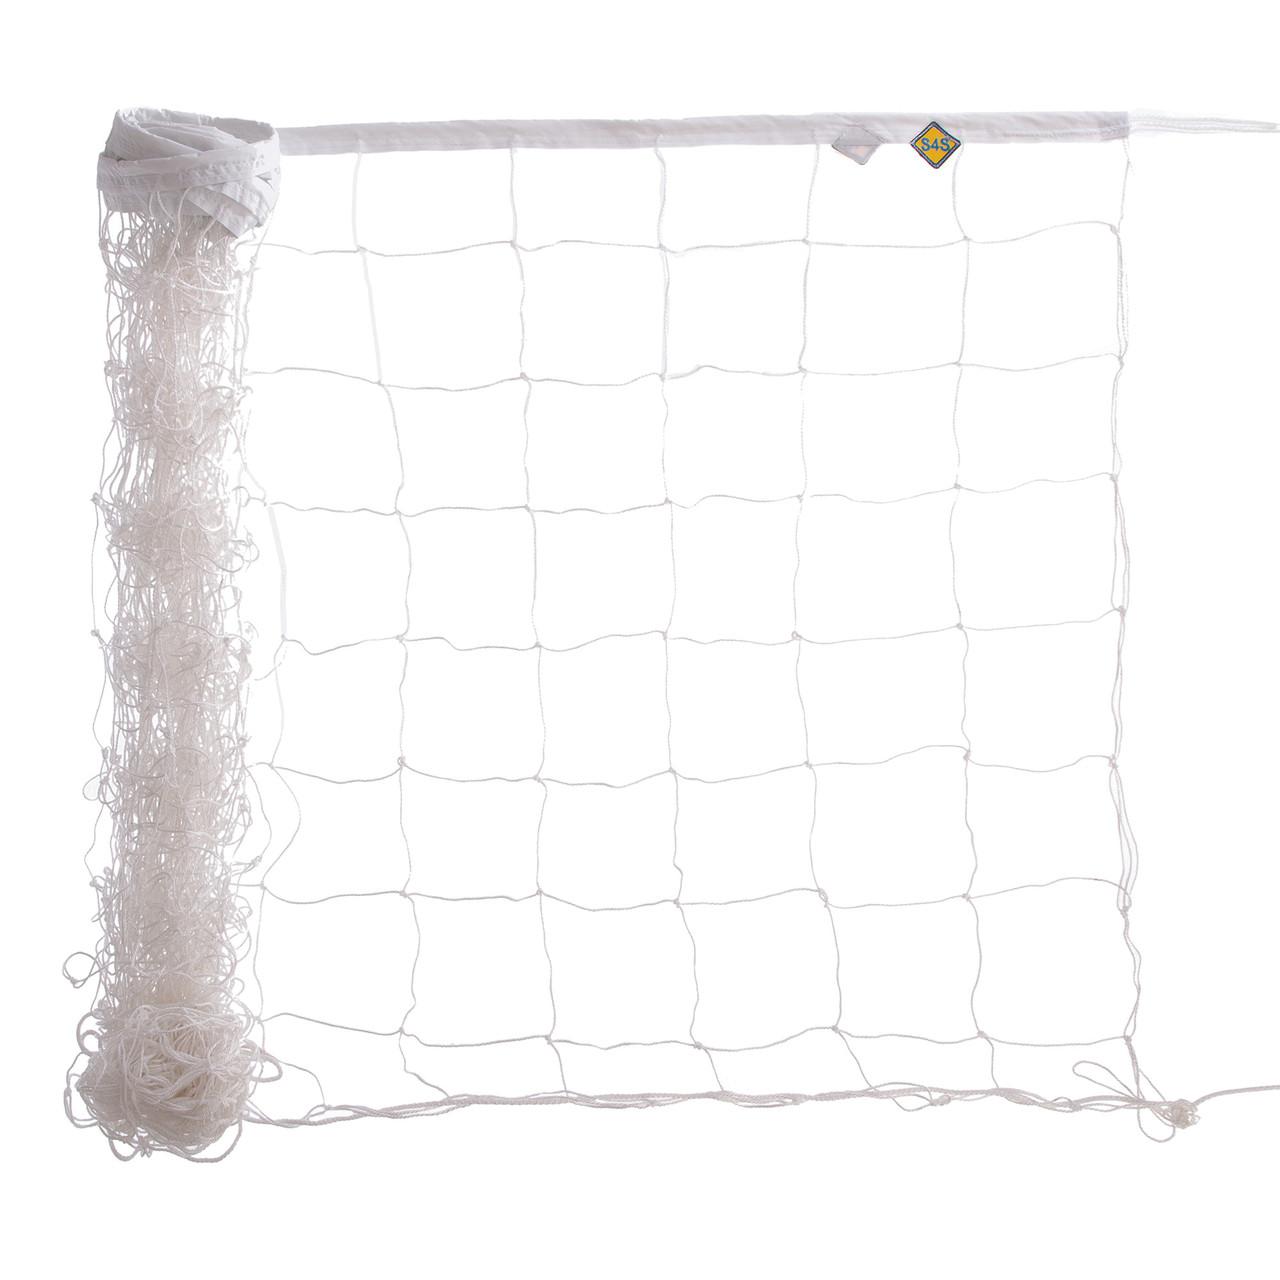 Сітка для волейболу Эконом12 UR (PP 2,5 мм, р-р 9x0,9м, осередок 12х12см, шнур натяж.)